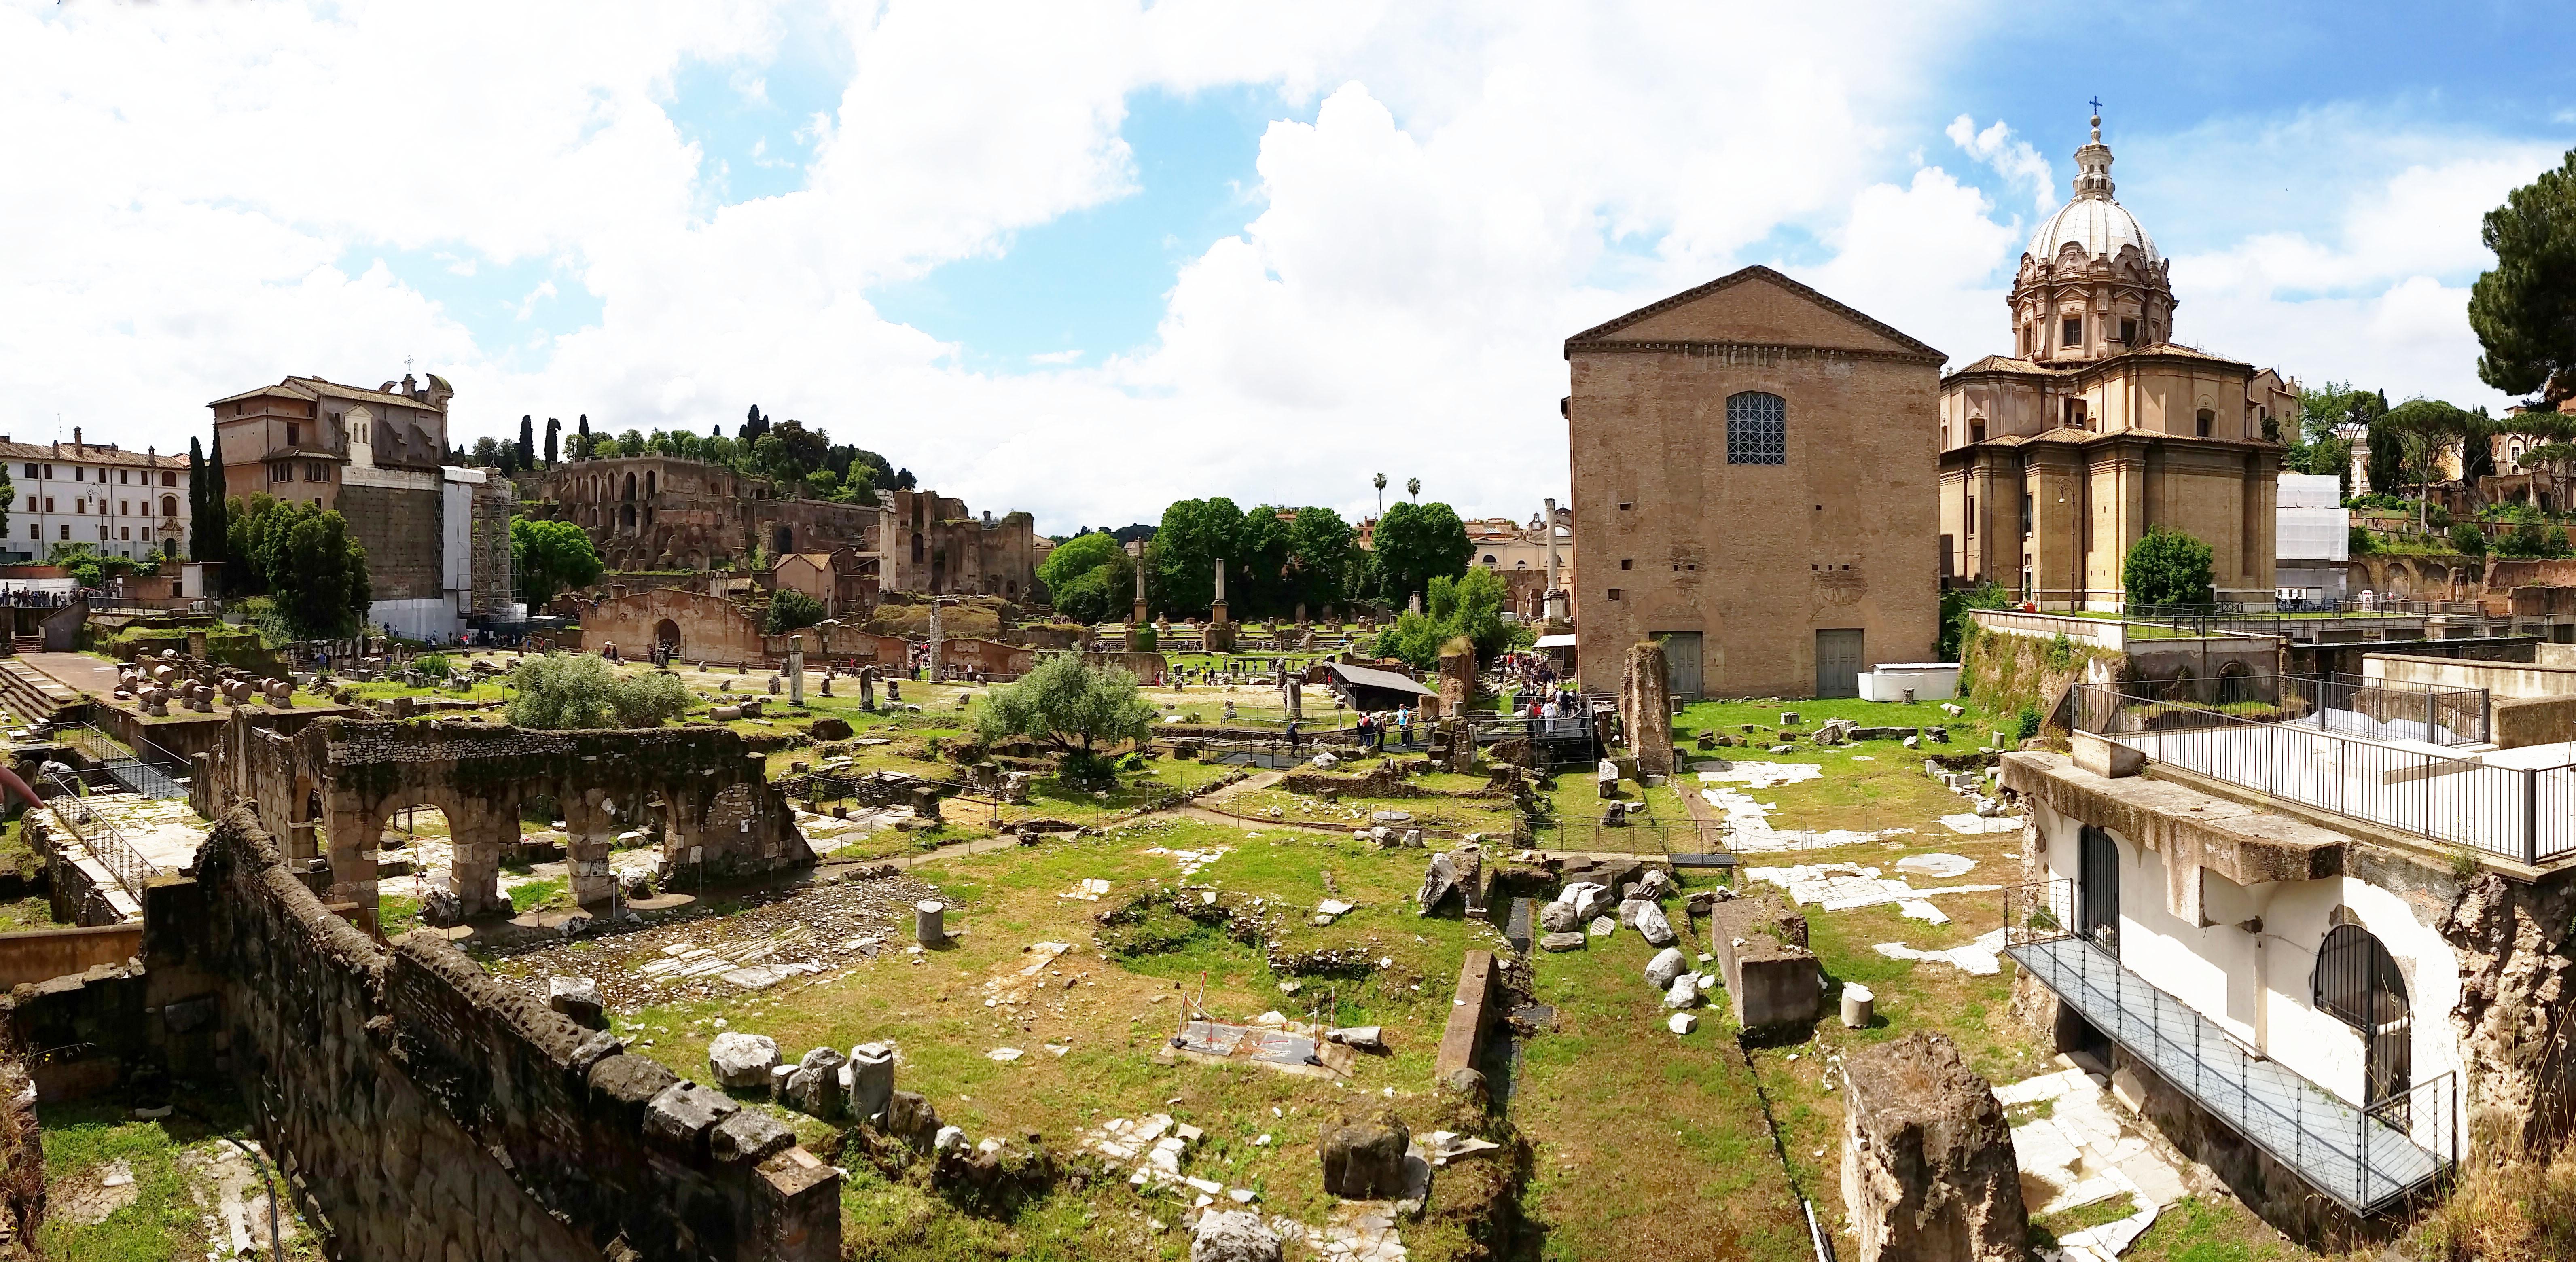 Visiter le centre de Rome